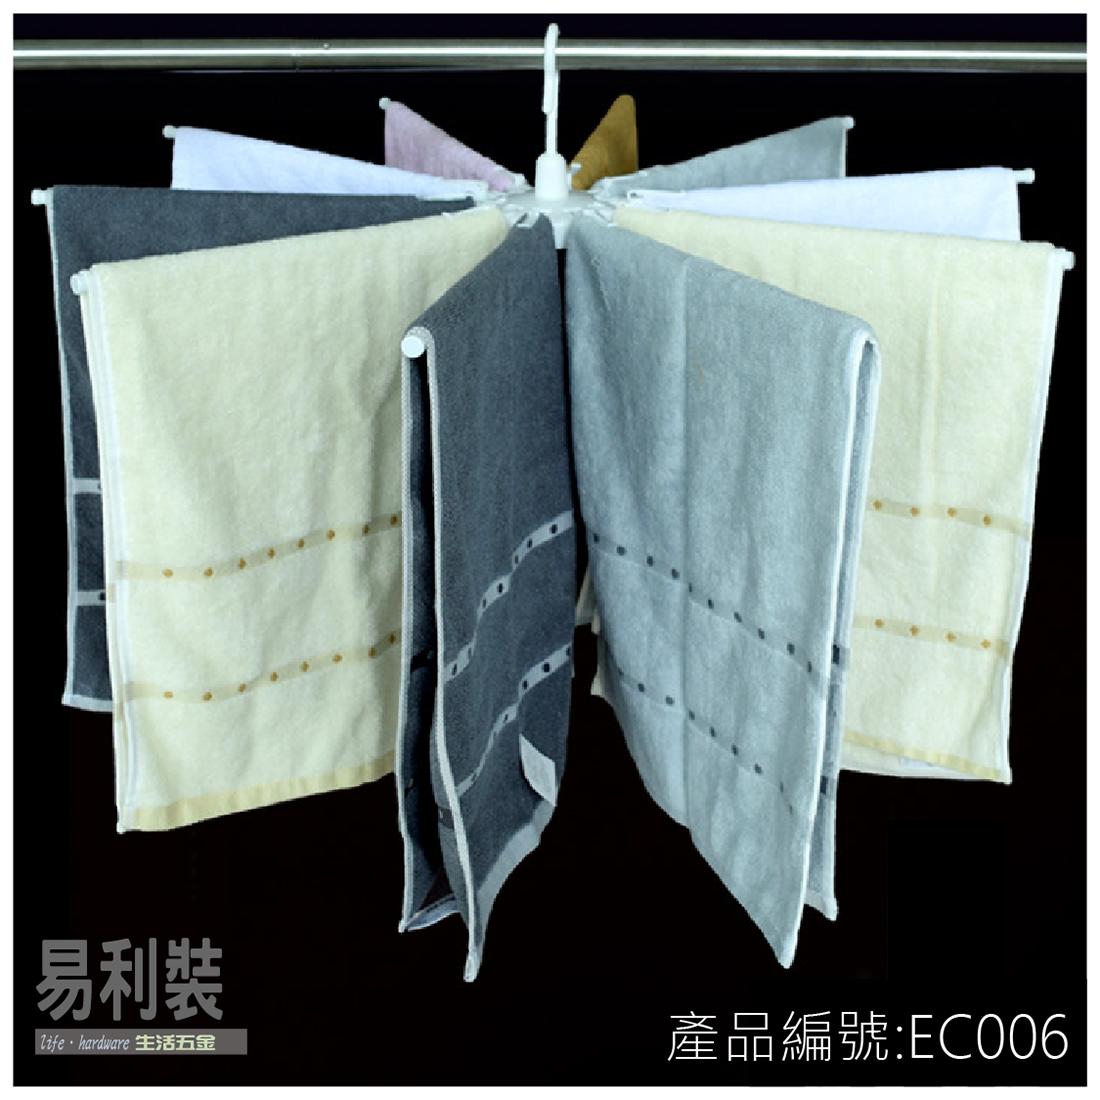 【 EASYCAN 】EC006 旋轉式毛巾架 易利裝生活五金 吊掛式 曬衣 房間 臥房 衣櫃 小資族 辦公家具 系統家具